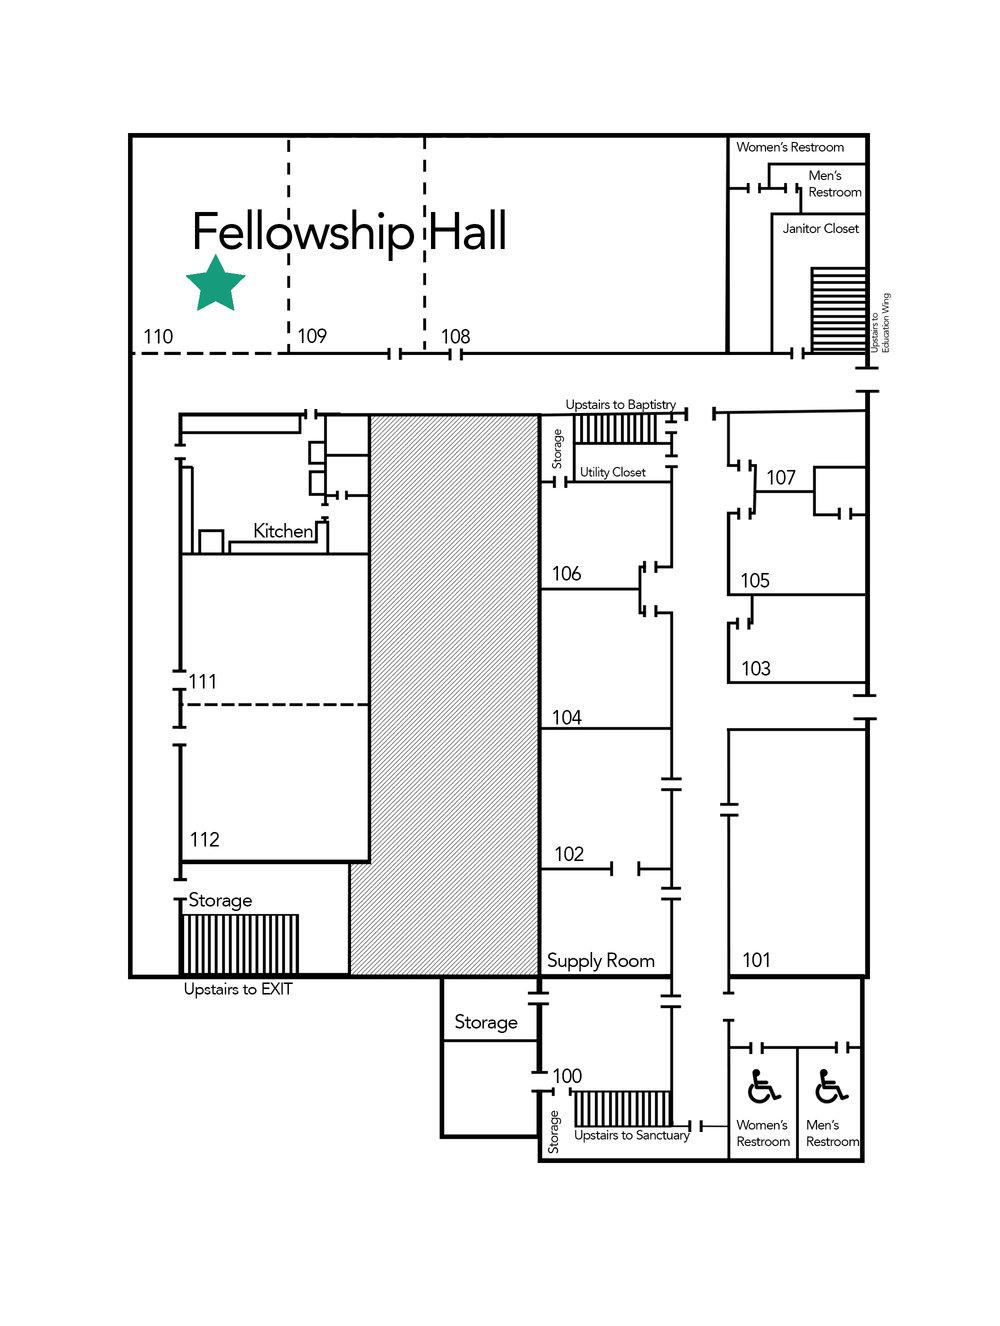 DownstairsMap.jpg